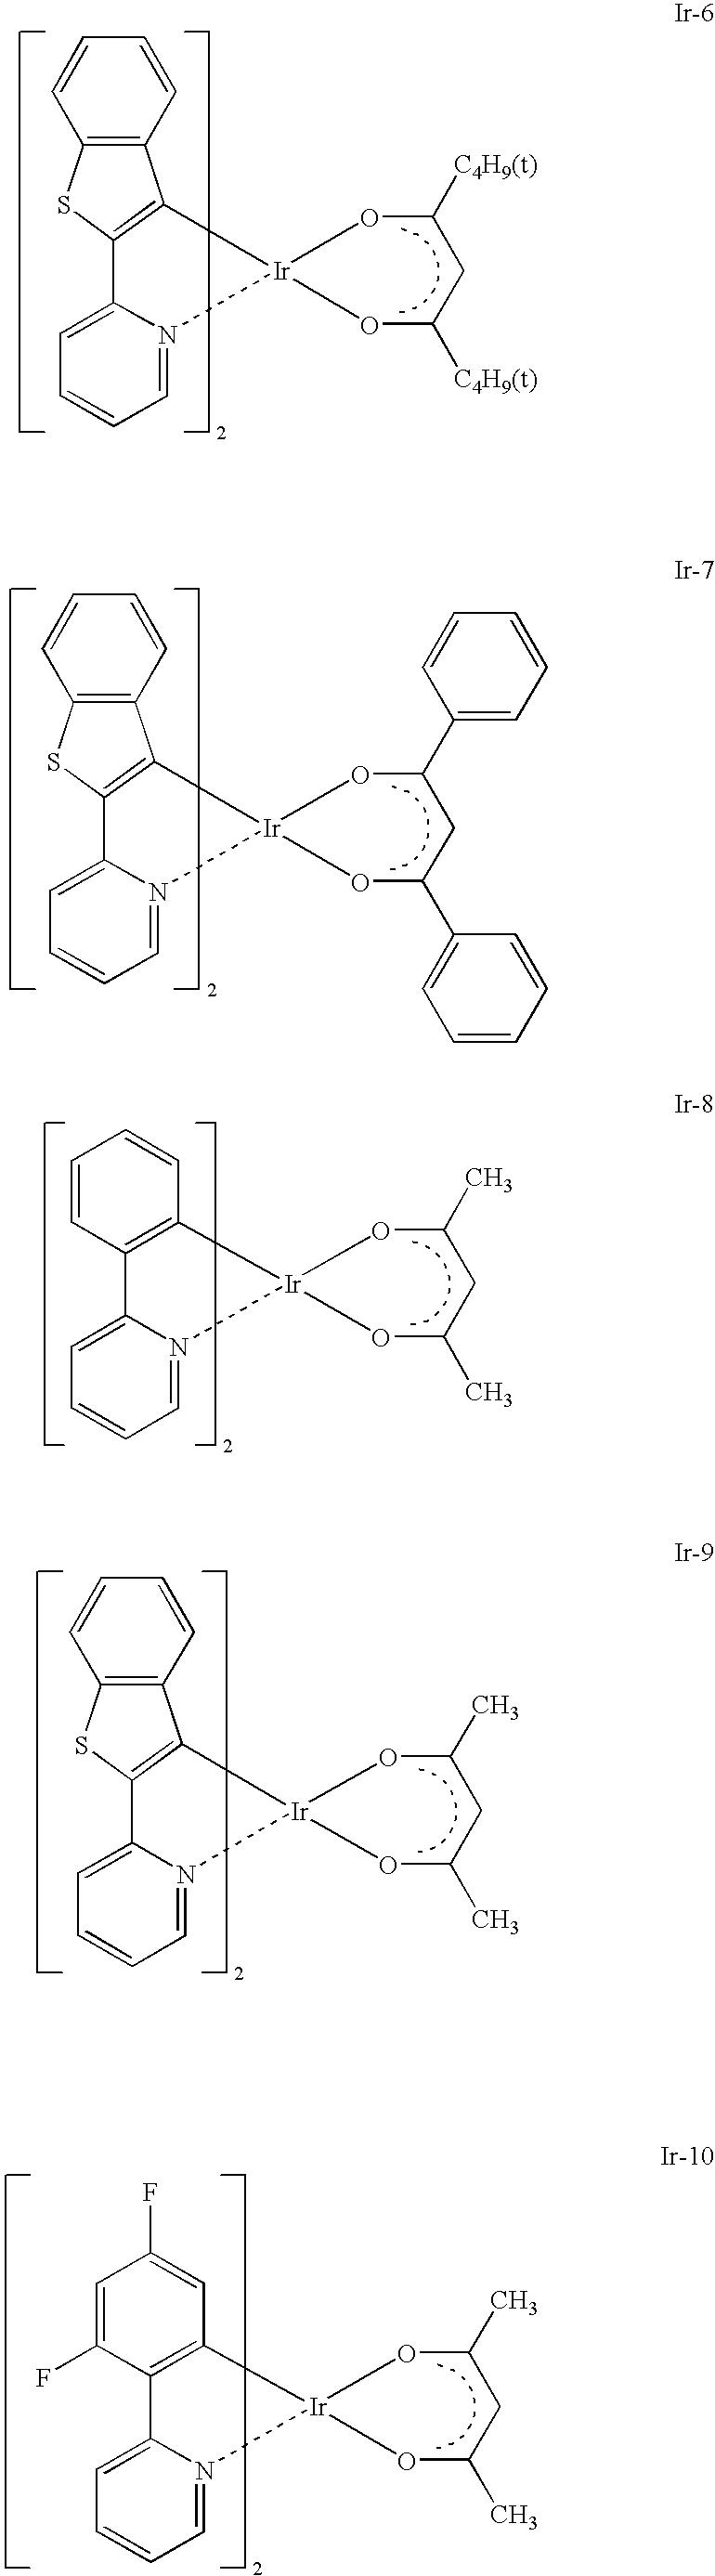 Figure US07504657-20090317-C00005